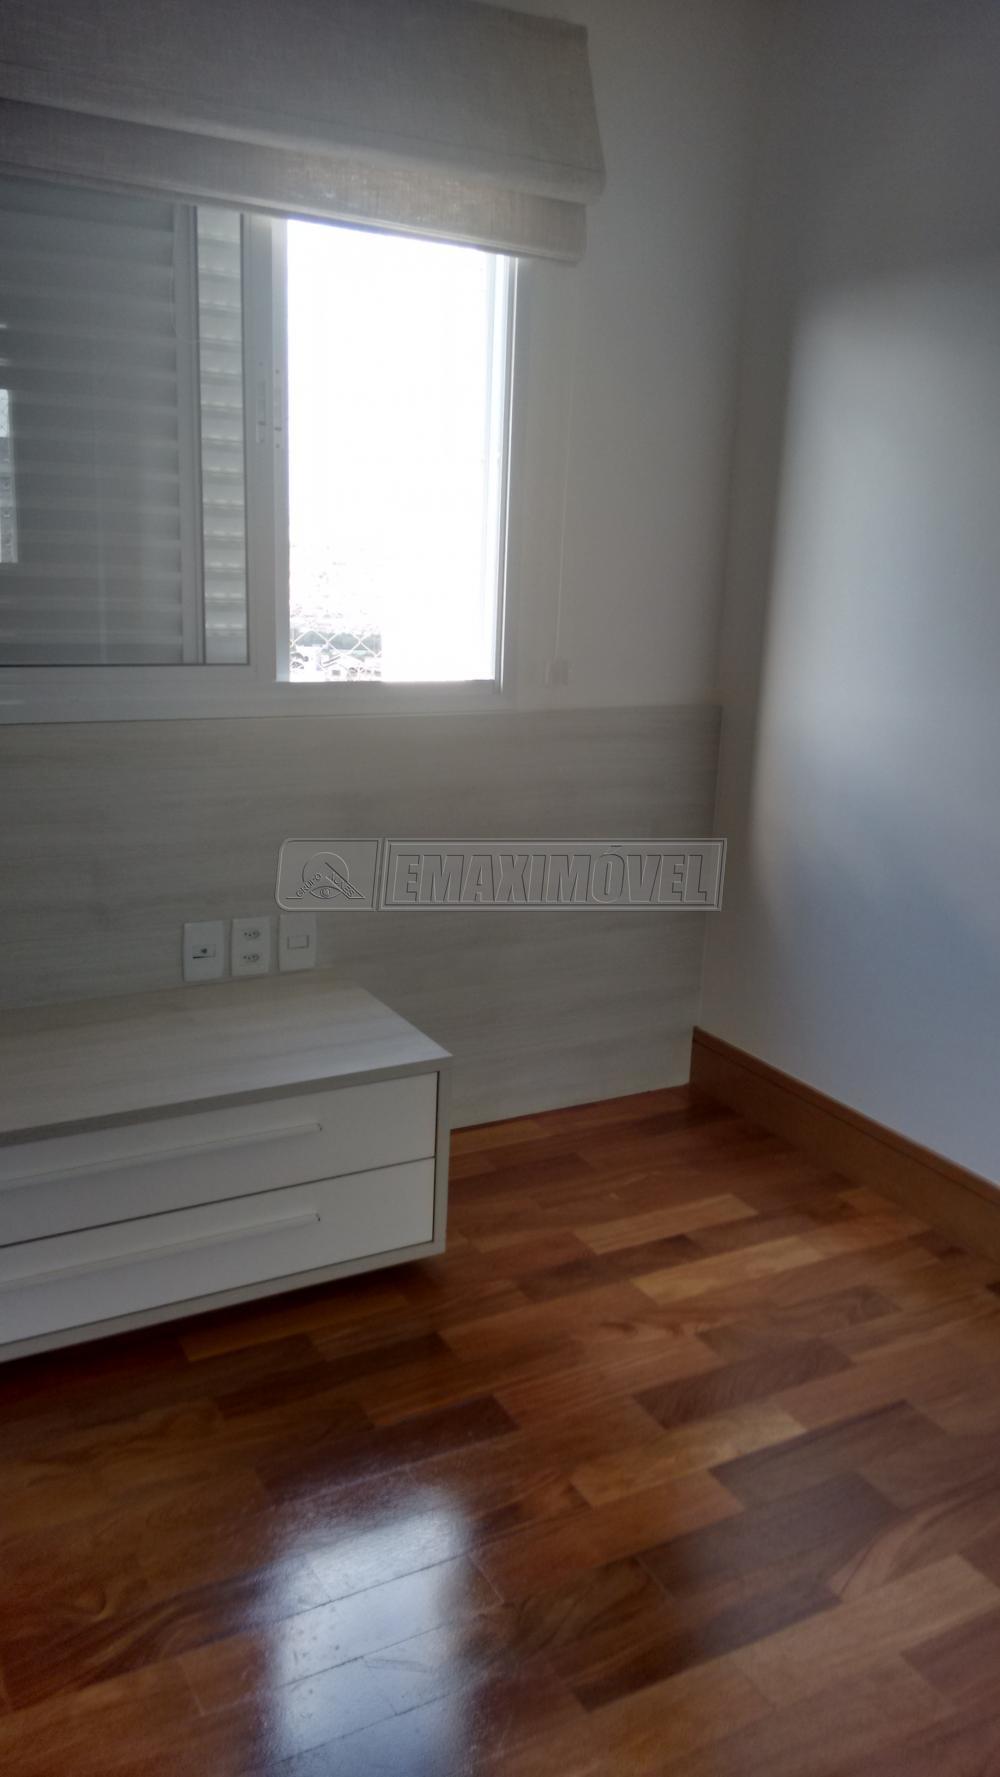 Comprar Apartamentos / Apto Padrão em Sorocaba apenas R$ 1.400.000,00 - Foto 18